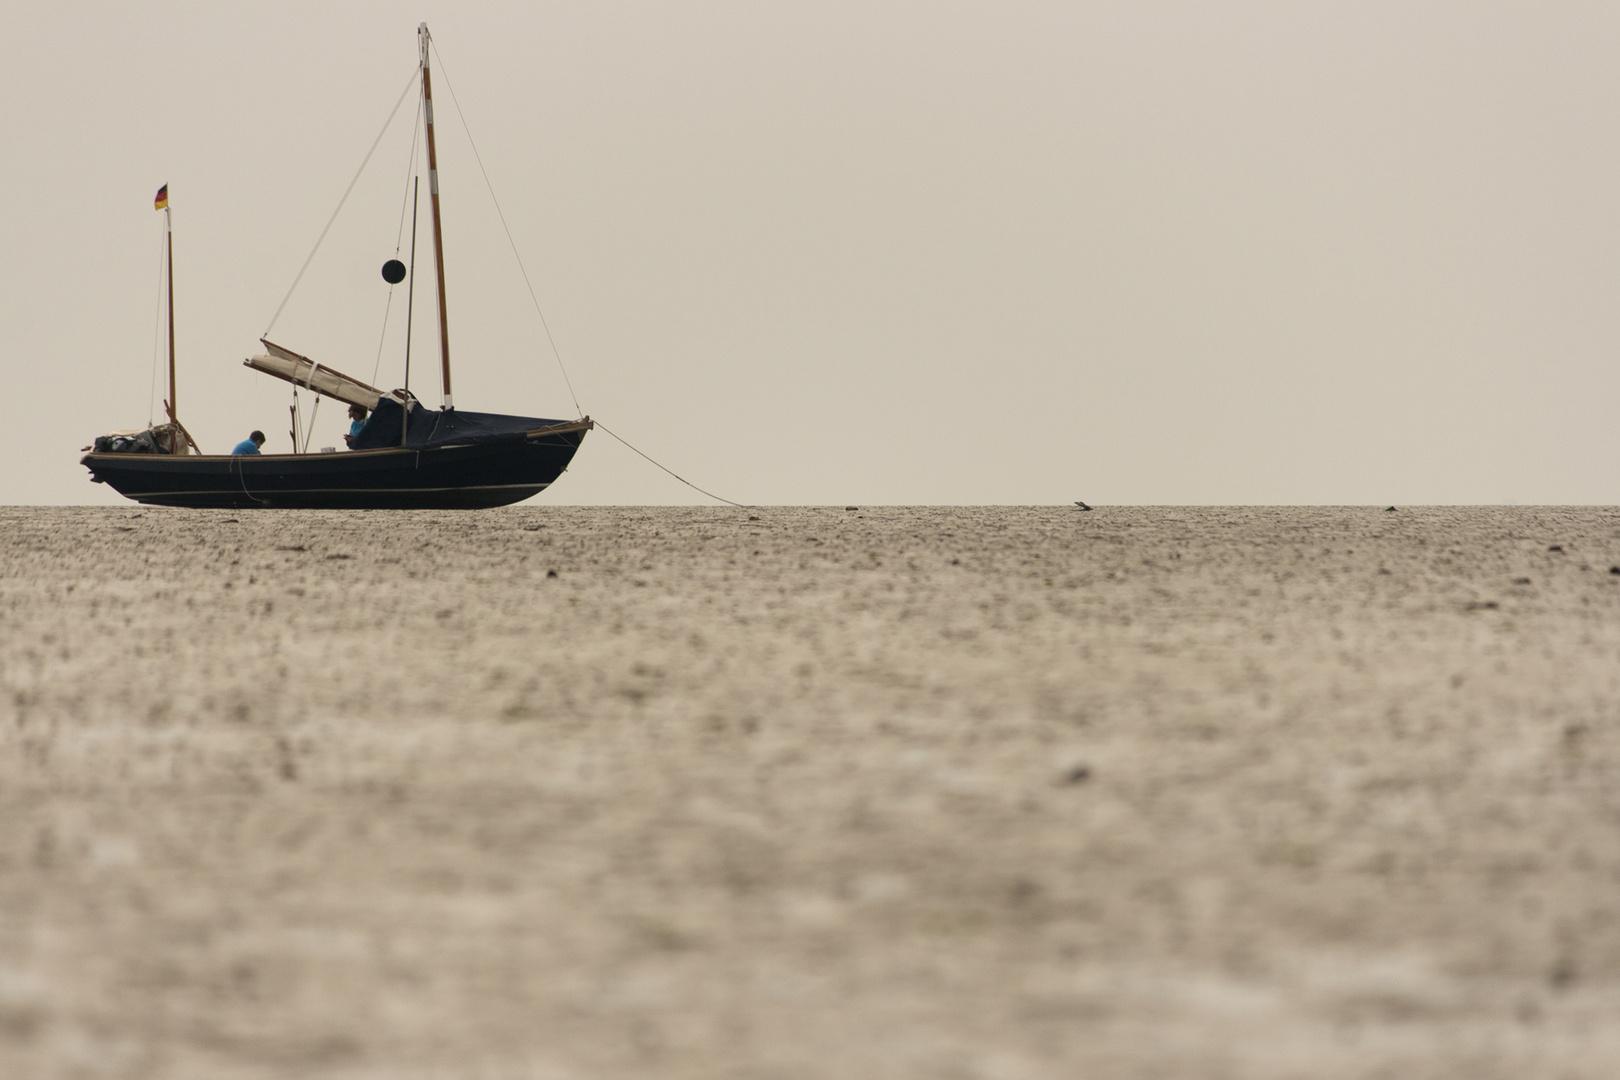 Endlich wieder wat(t) segeln gehen...